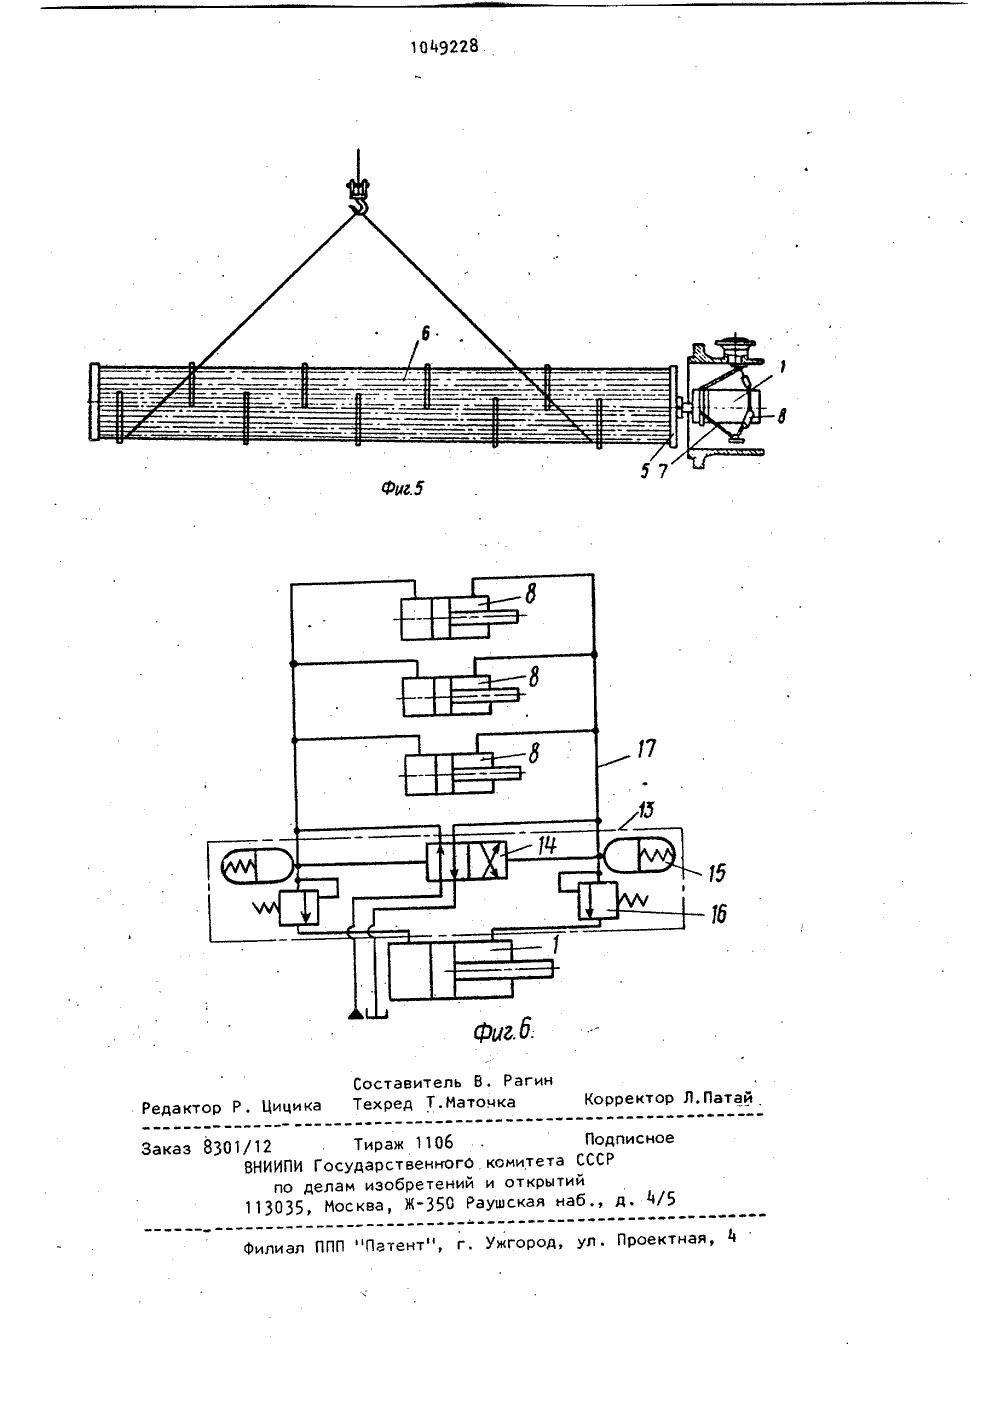 Извлечение трубного пучка теплообменника Уплотнения теплообменника Теплотекс 32M Кемерово